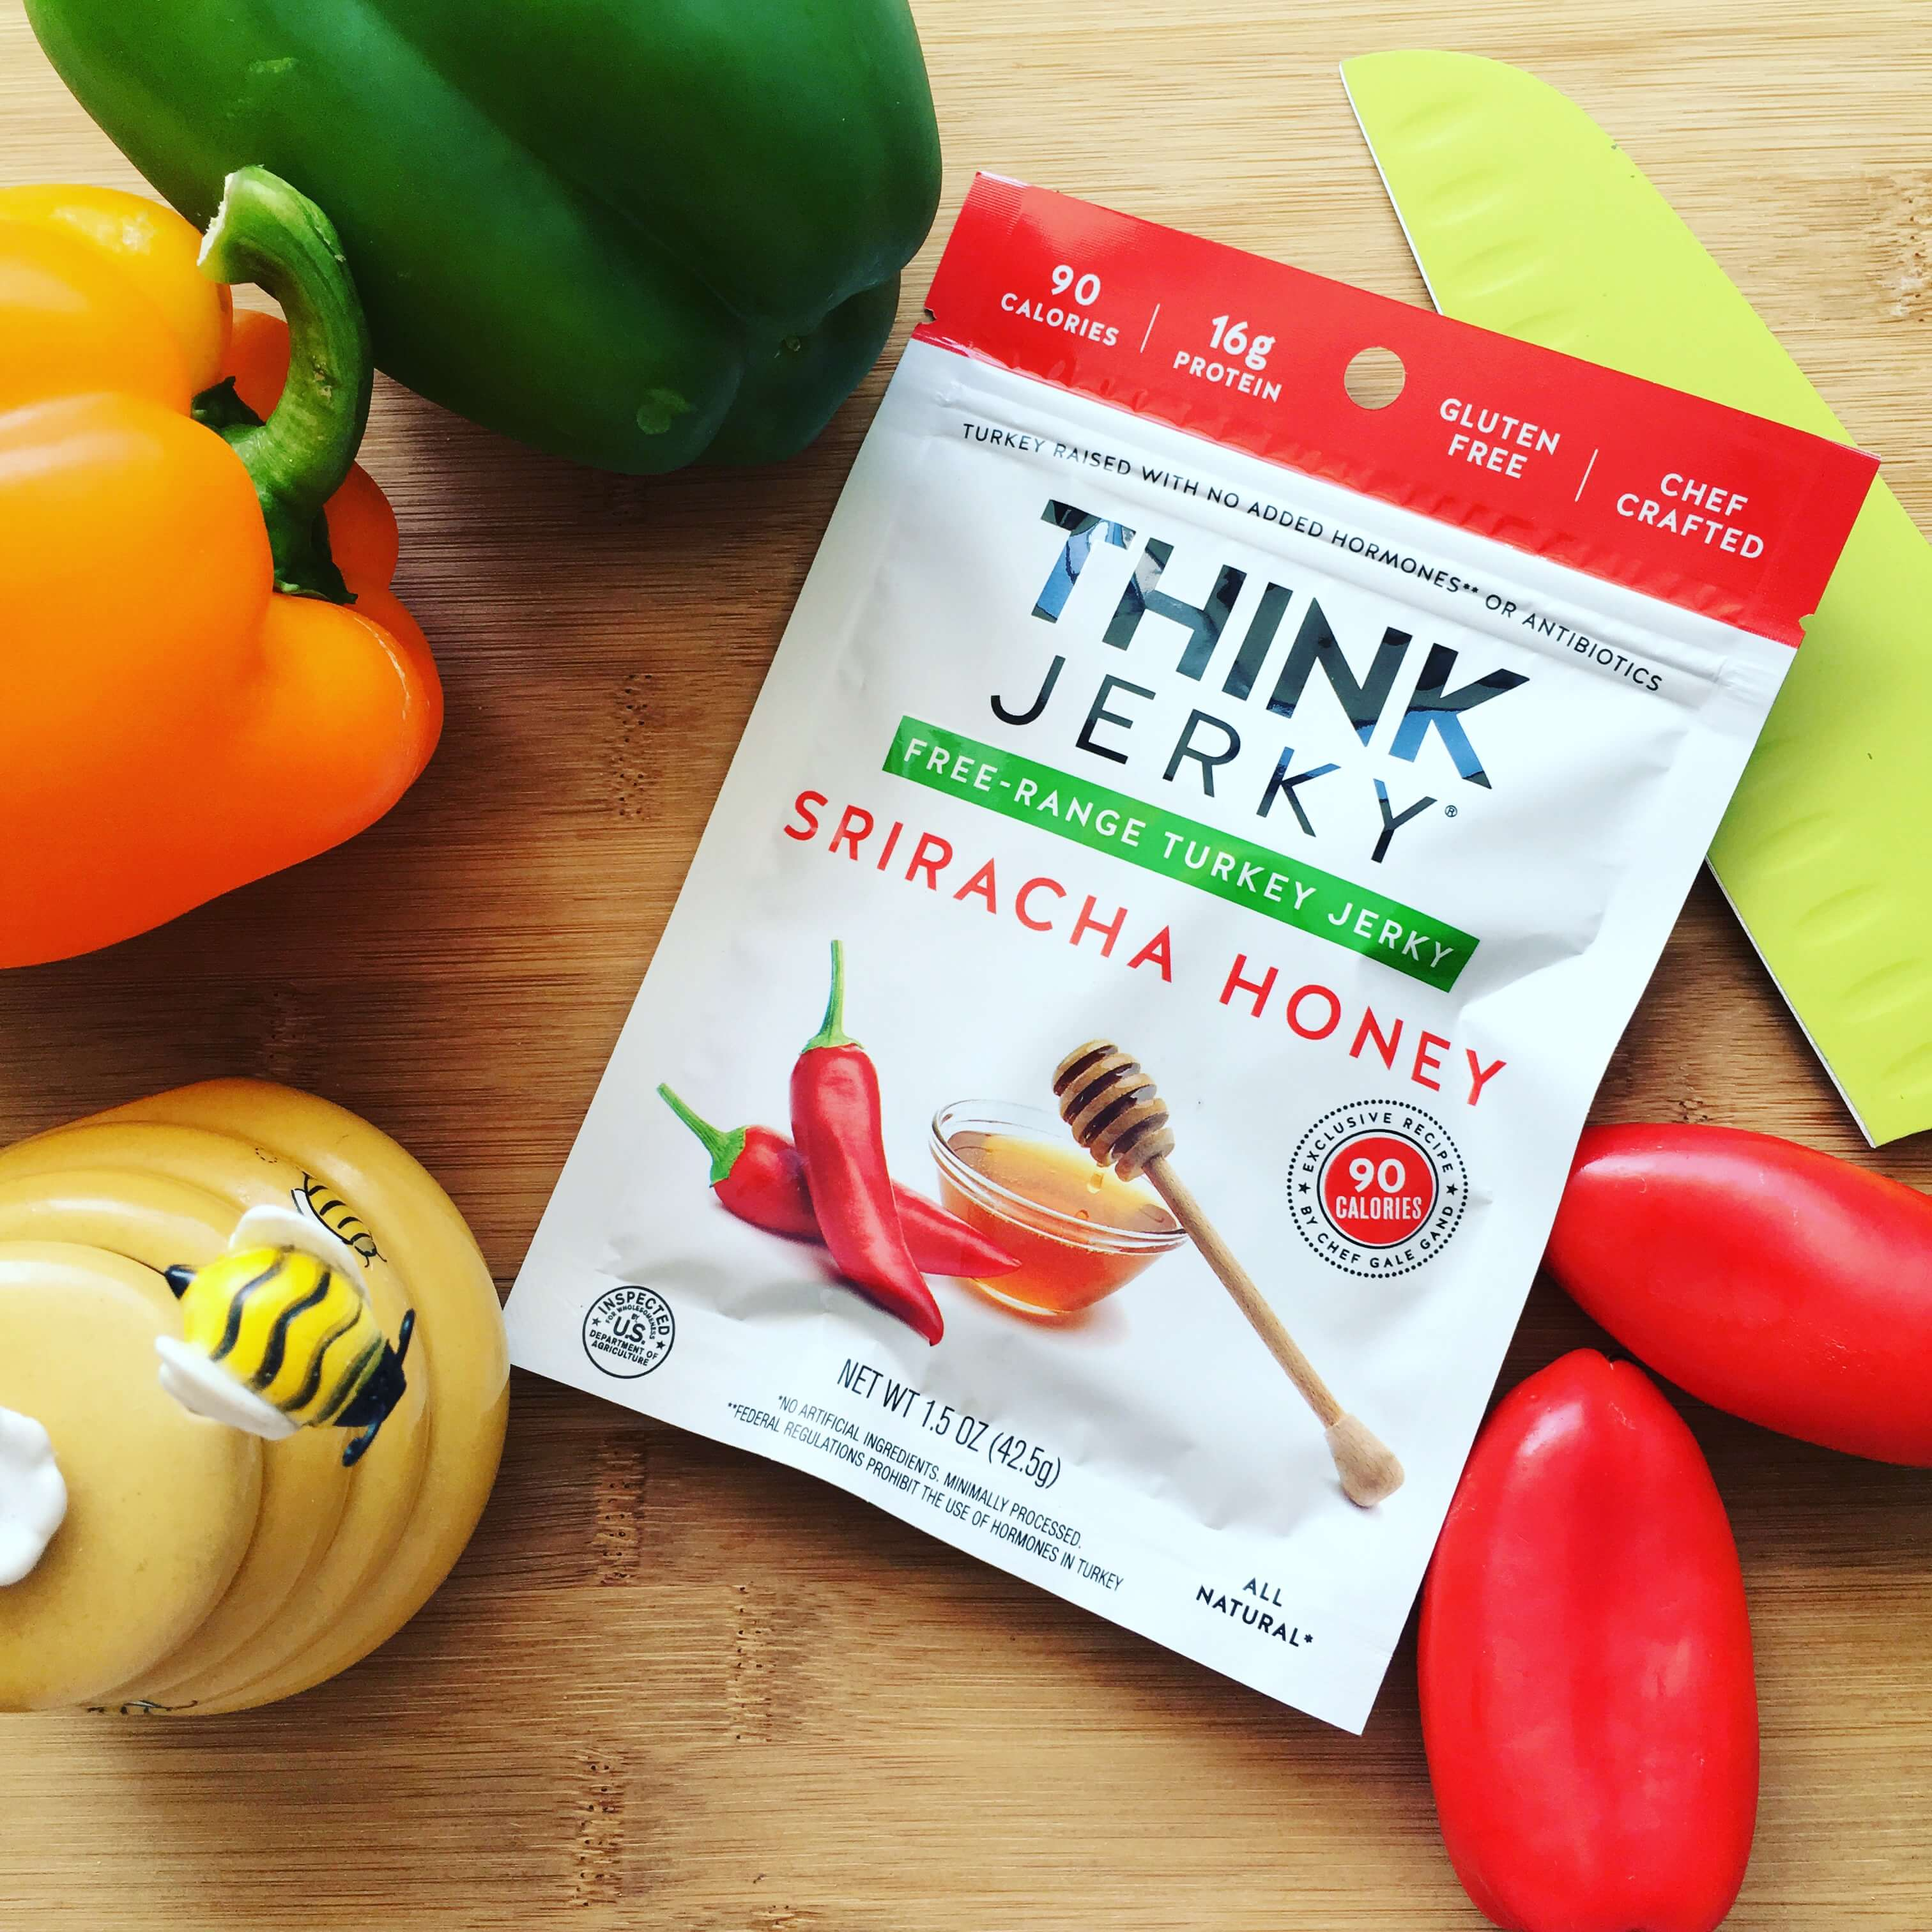 Think Jerky Sriracha Honey